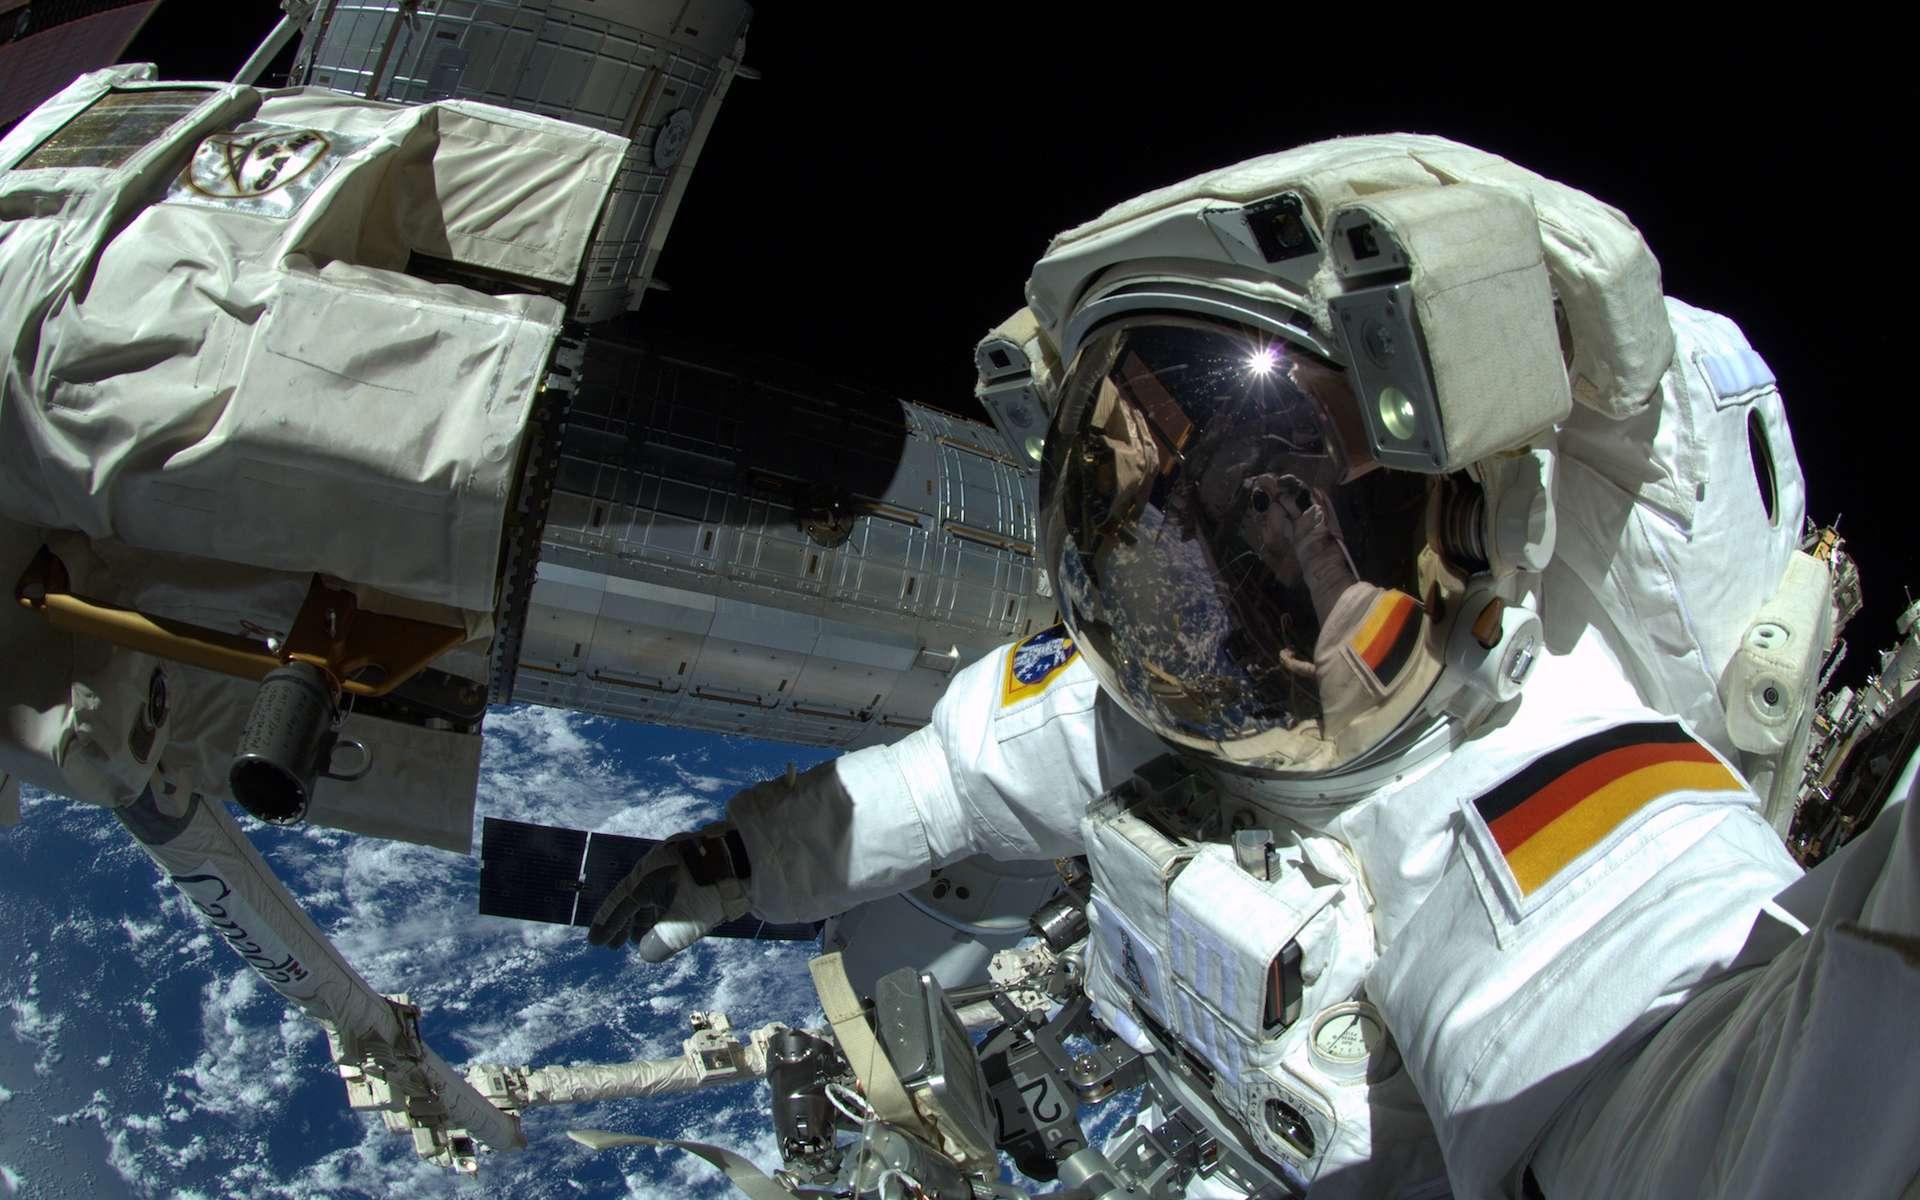 L'astronaute allemand Alexander Gerst lors d'une sortie dans l'espace en 2014. © Esa